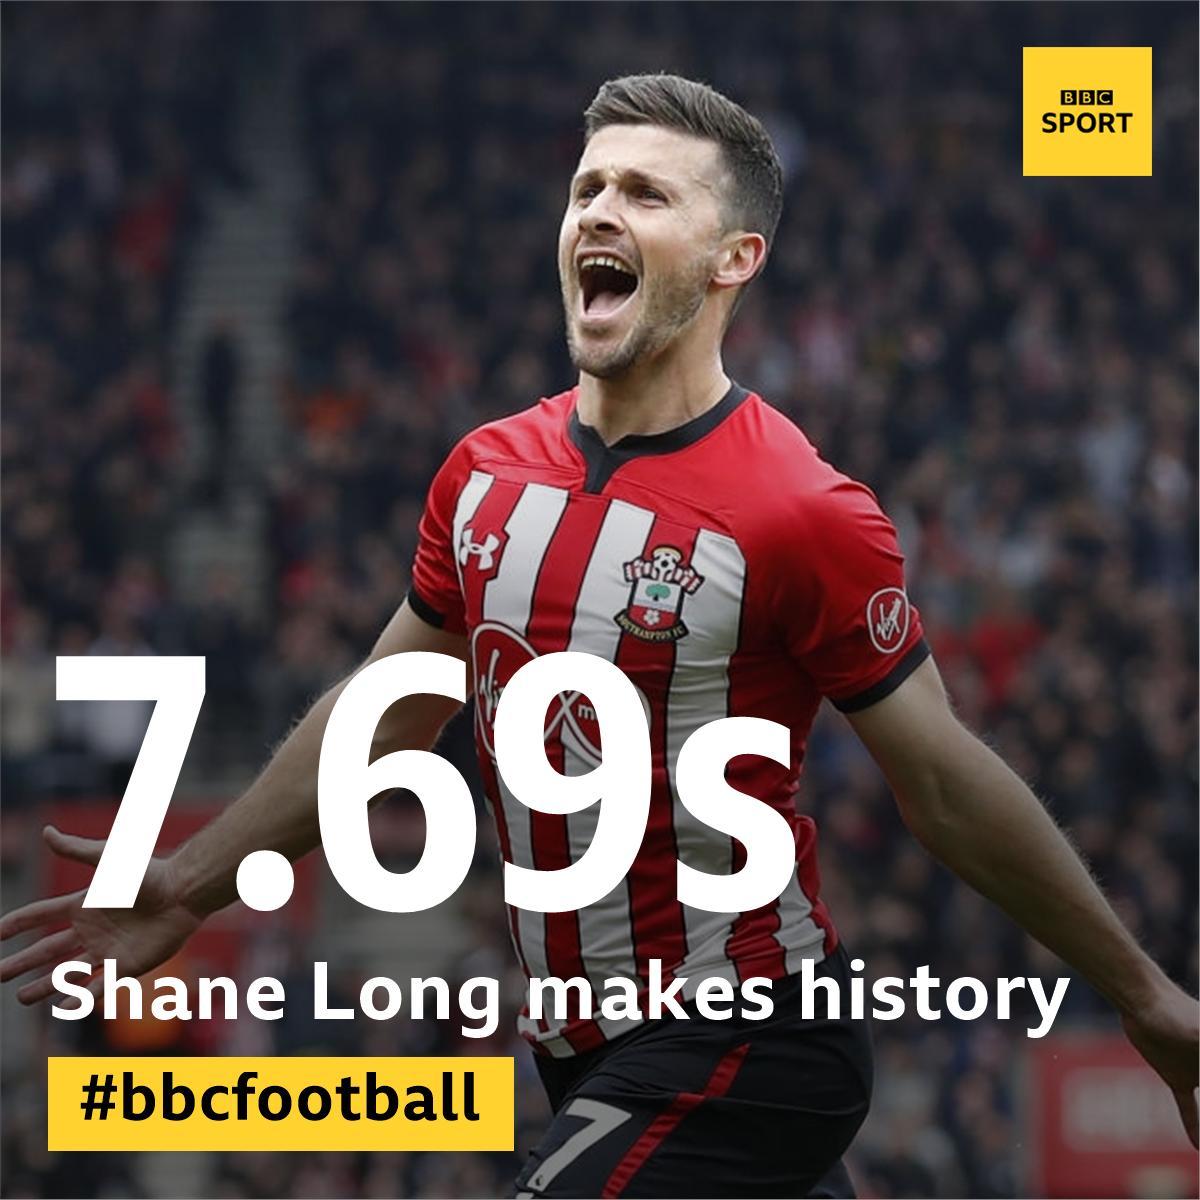 英超历史最快进球什么情况 历史最快进球是几秒